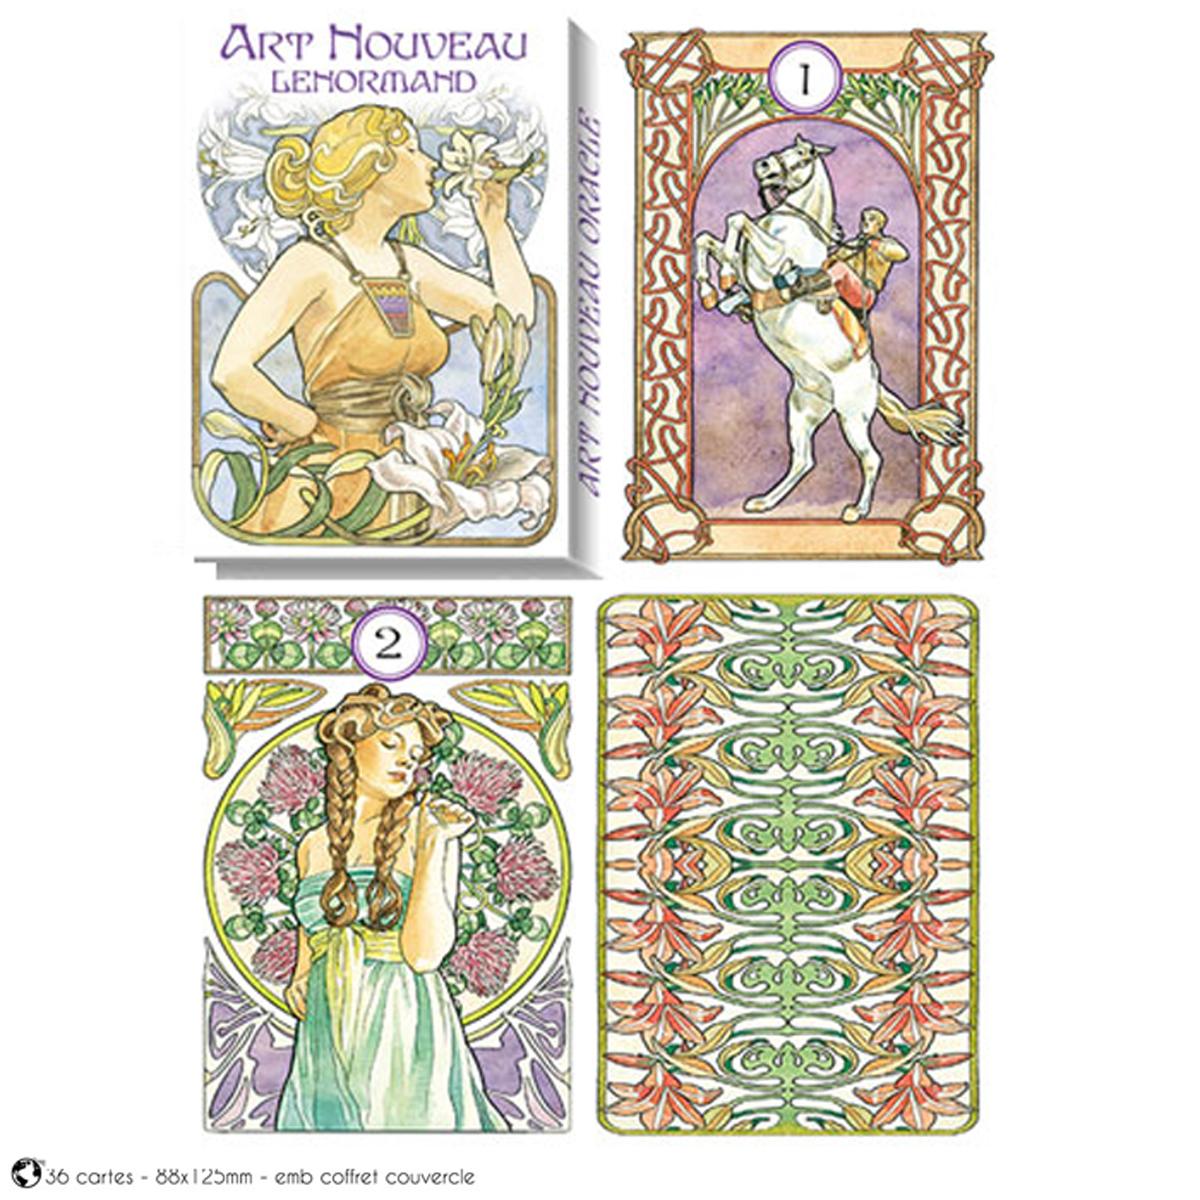 Jeu de cartes d\'inspiration \'Art Nouveau Lenormand\' (oracles) - 135x10x3 cm - [A1008]